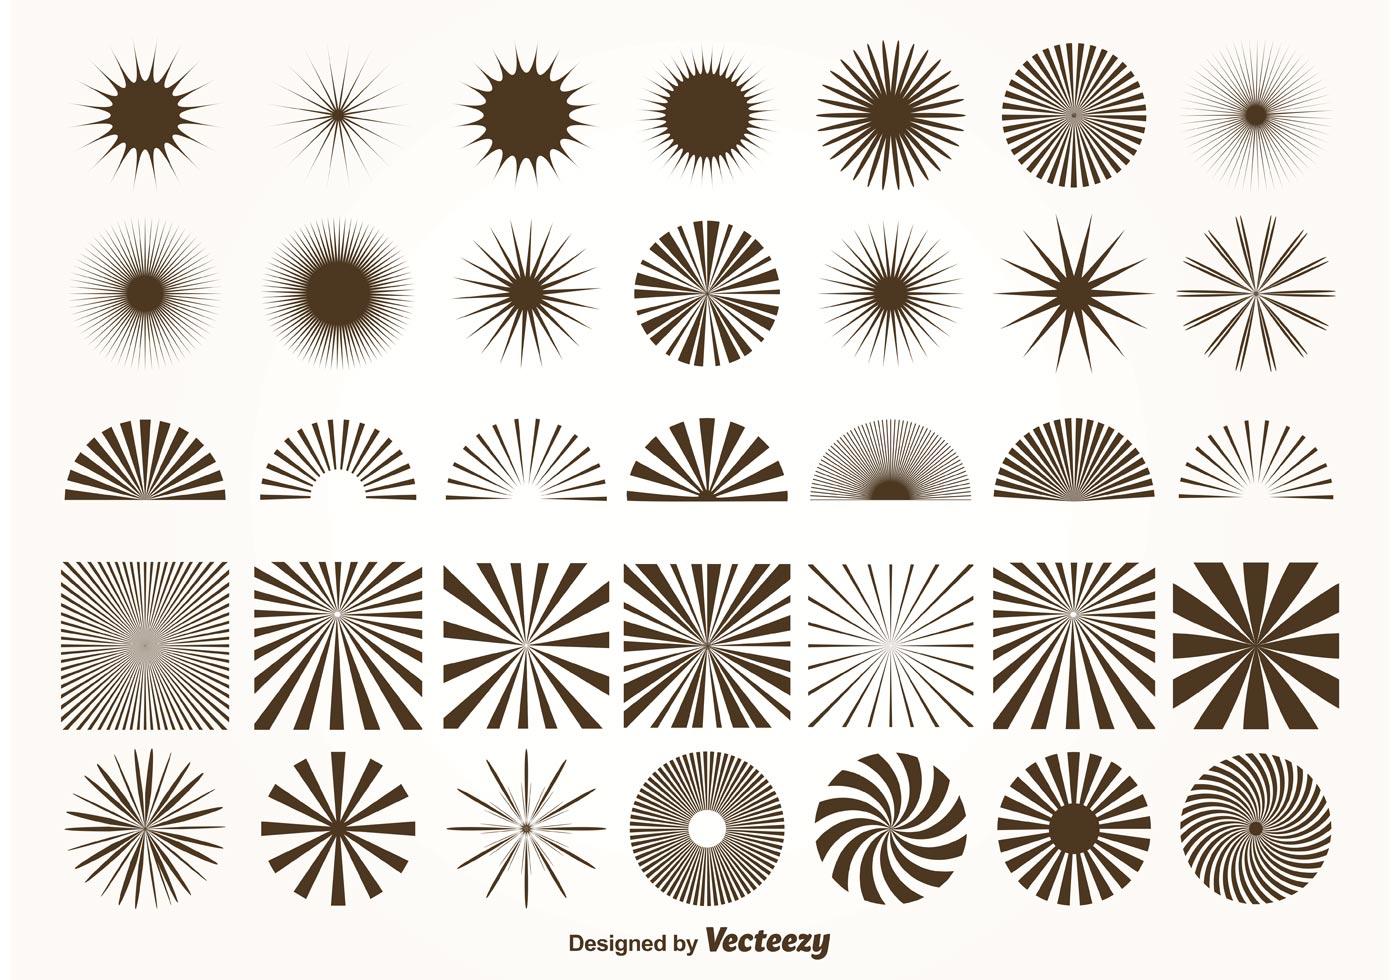 Vector Sunburst Shapes - Download Free Vectors, Clipart Graphics & Vector Art